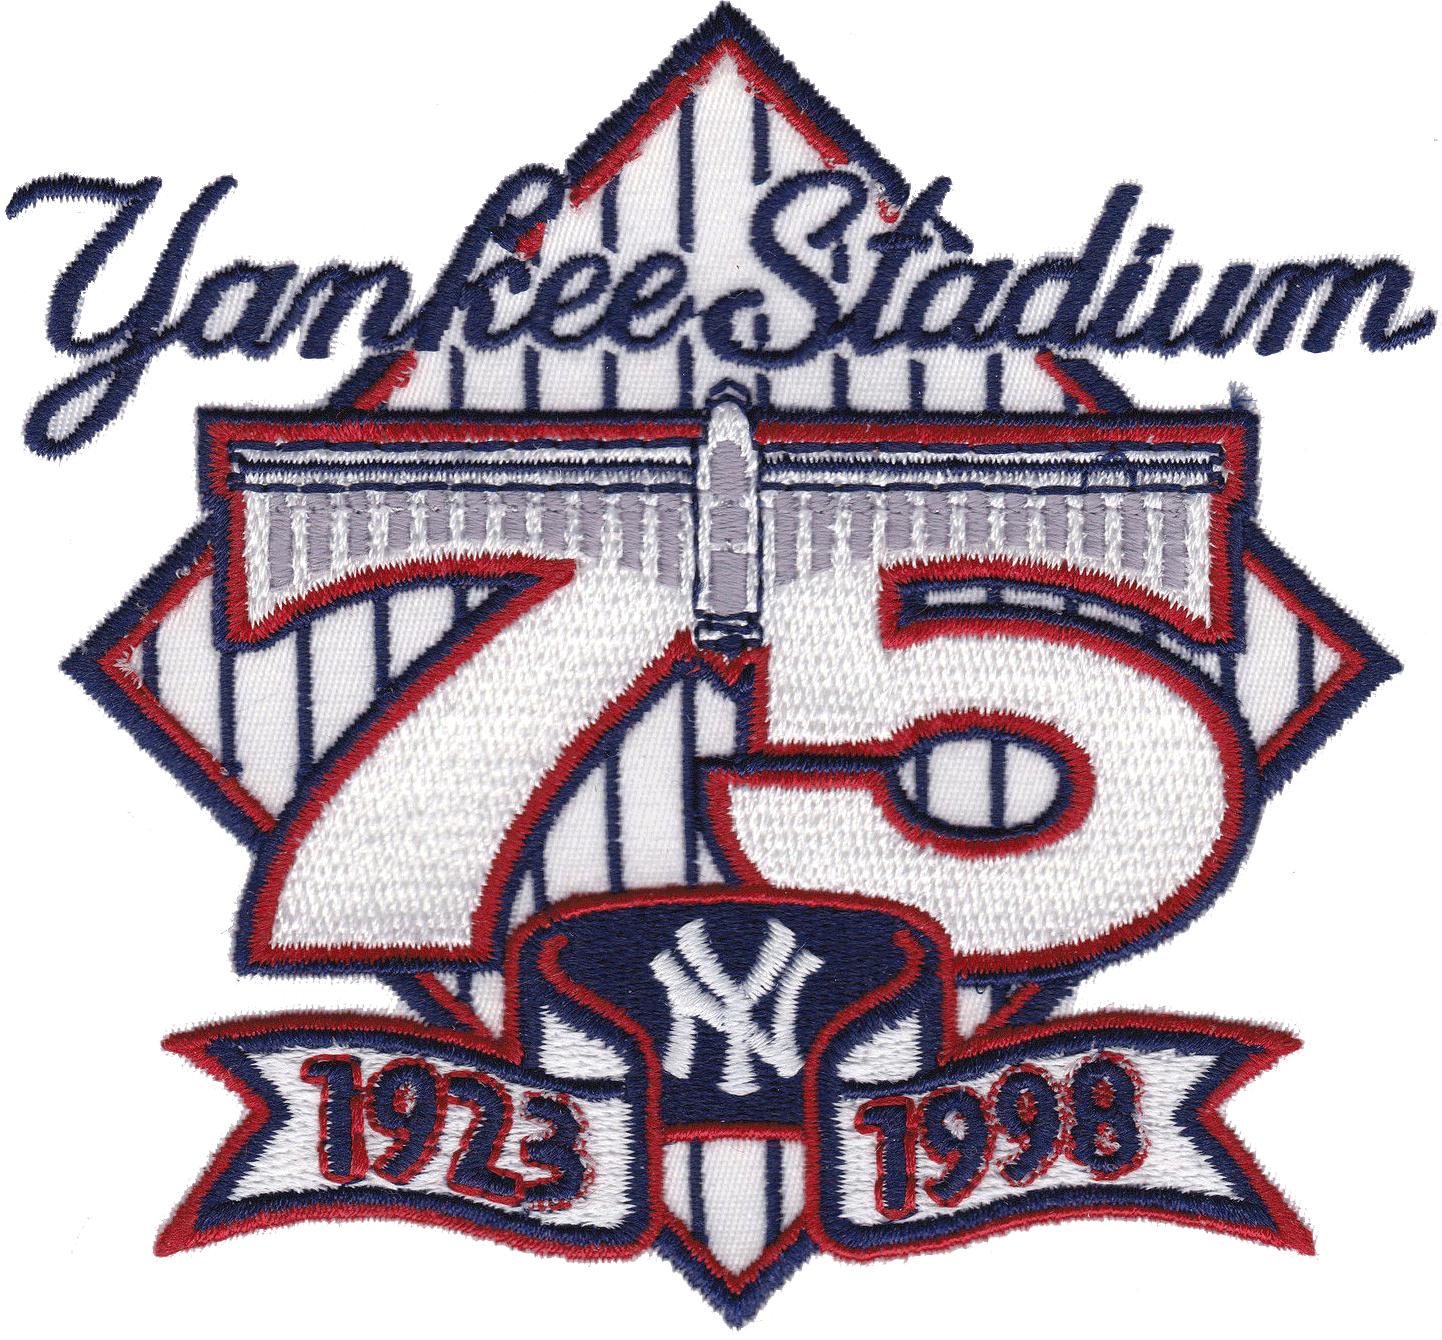 New York Yankees Logo Stadium Logo (1998) - 75th Anniversary of Yankee Stadium SportsLogos.Net